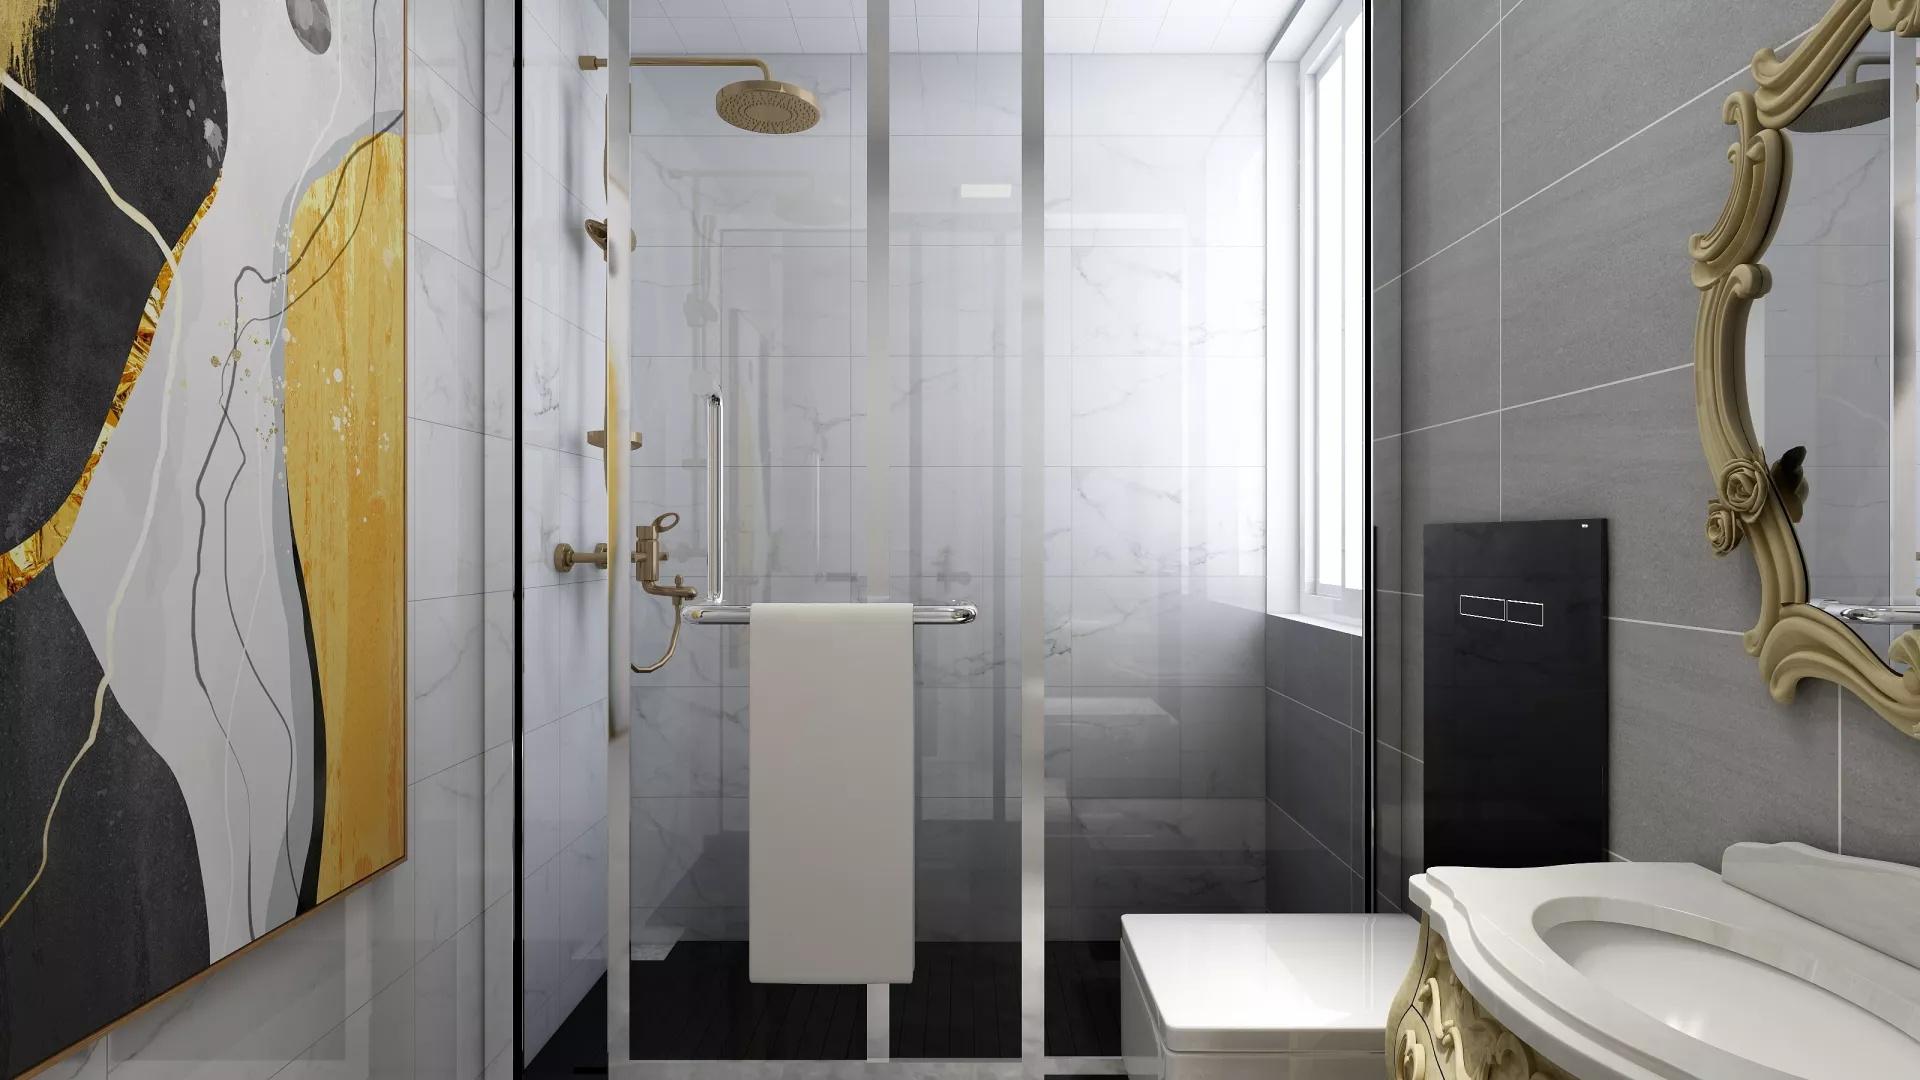 卫生间玻璃隔断贵吗 卫生间隔断哪种玻璃好